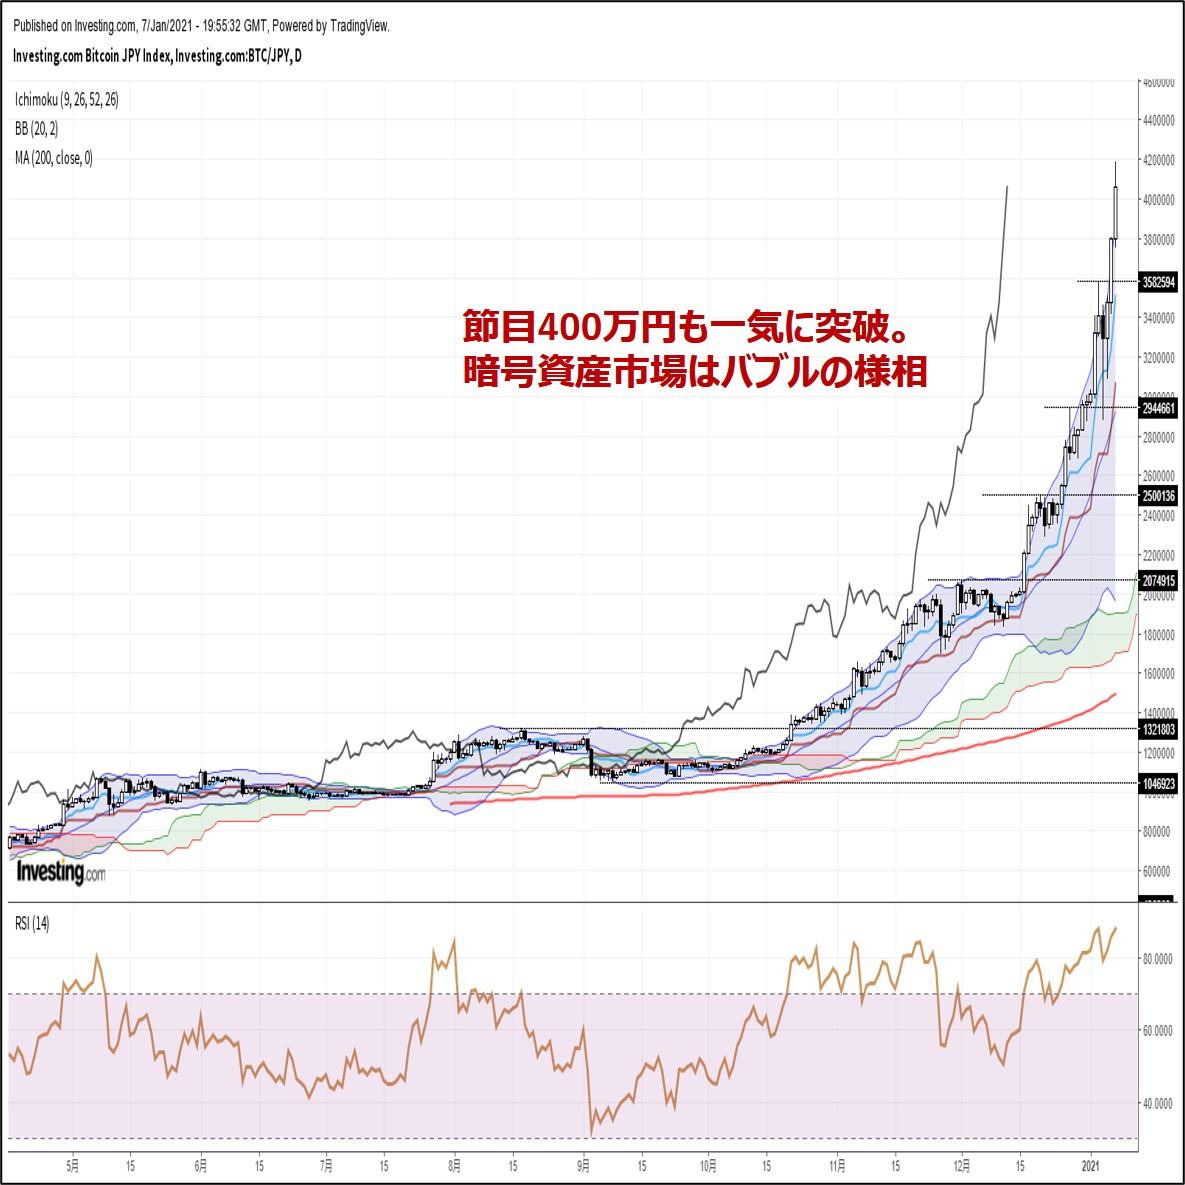 ビットコイン円、節目400万円を一気に突破。暗号資産市場はバブルの様相